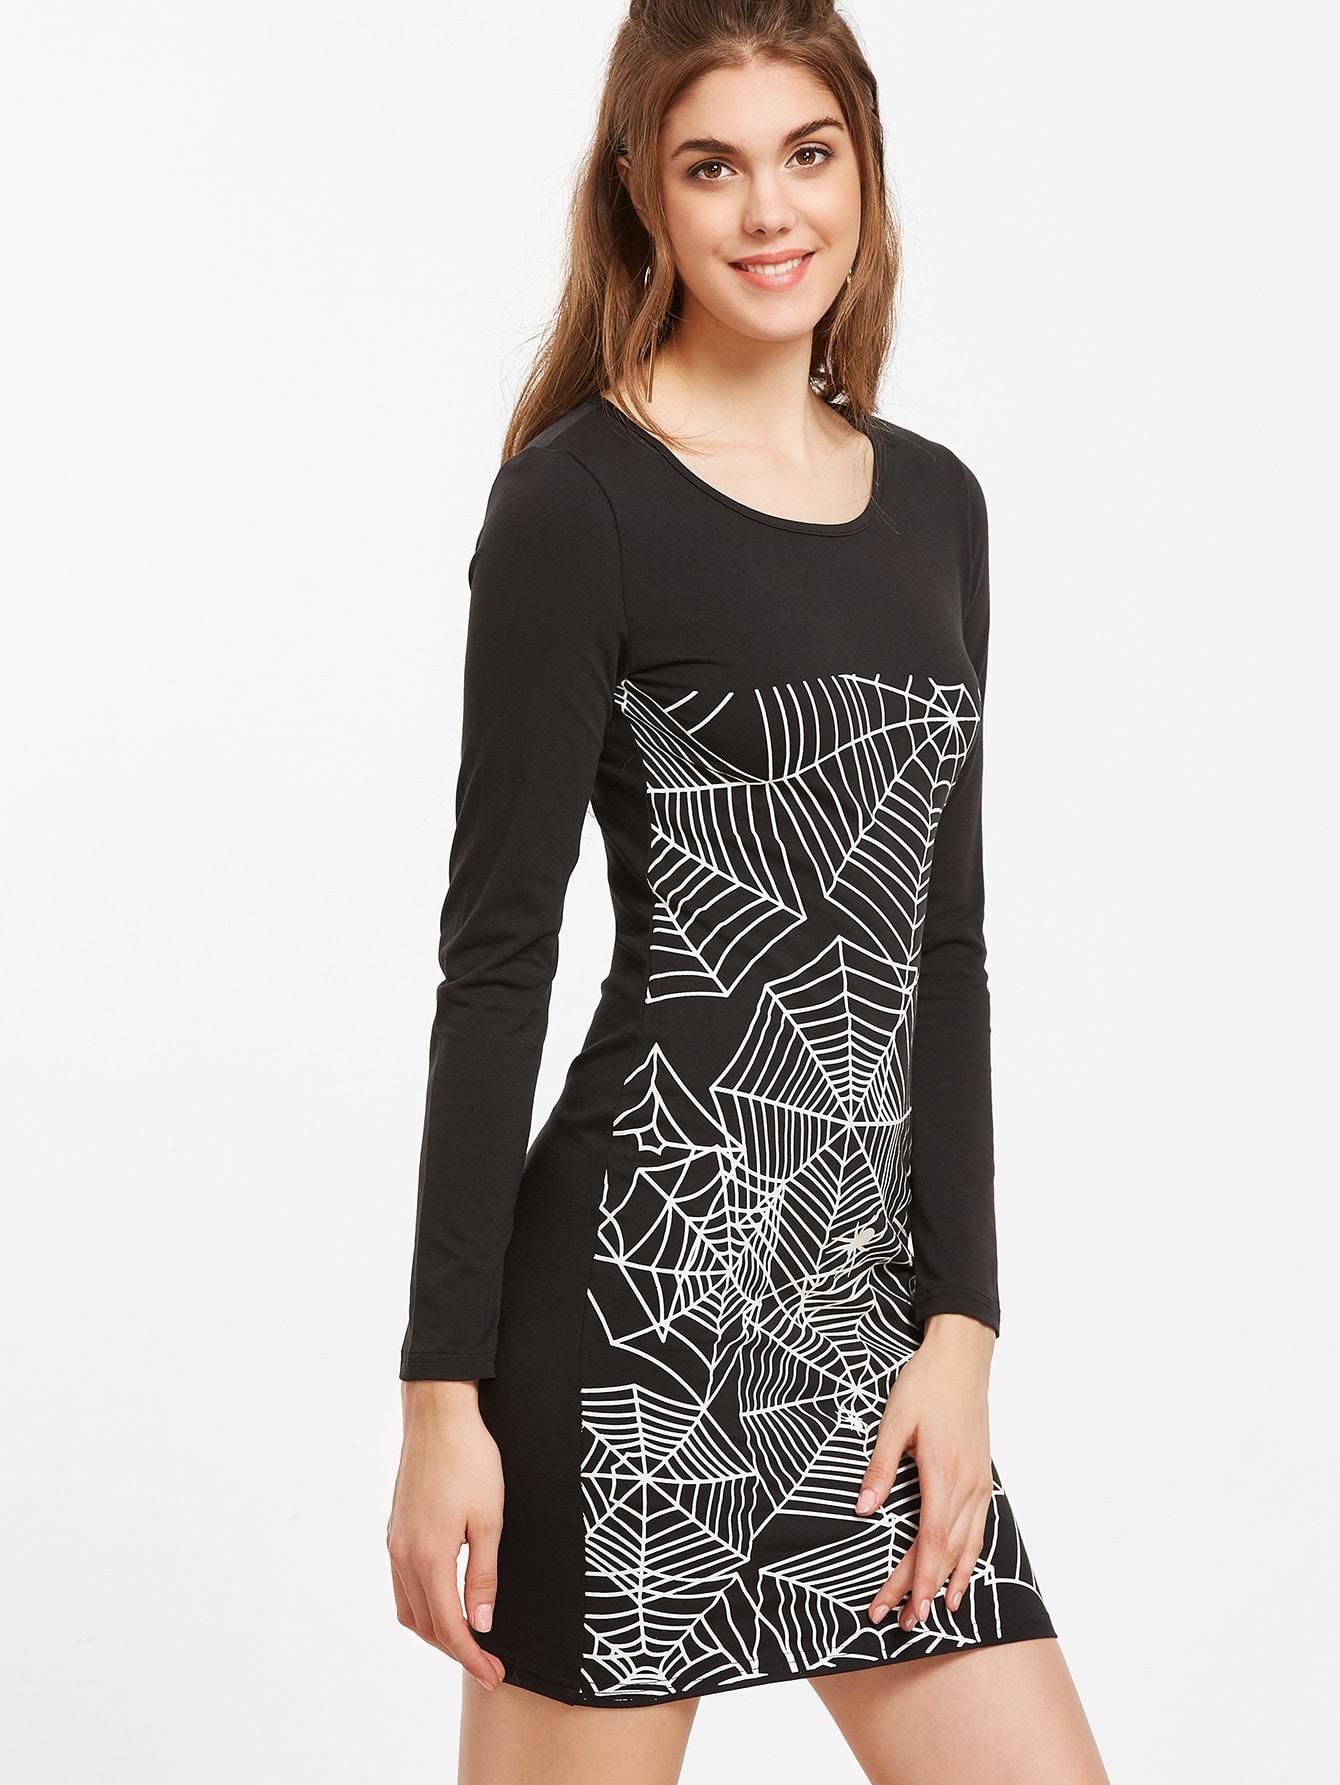 dress161005702_2